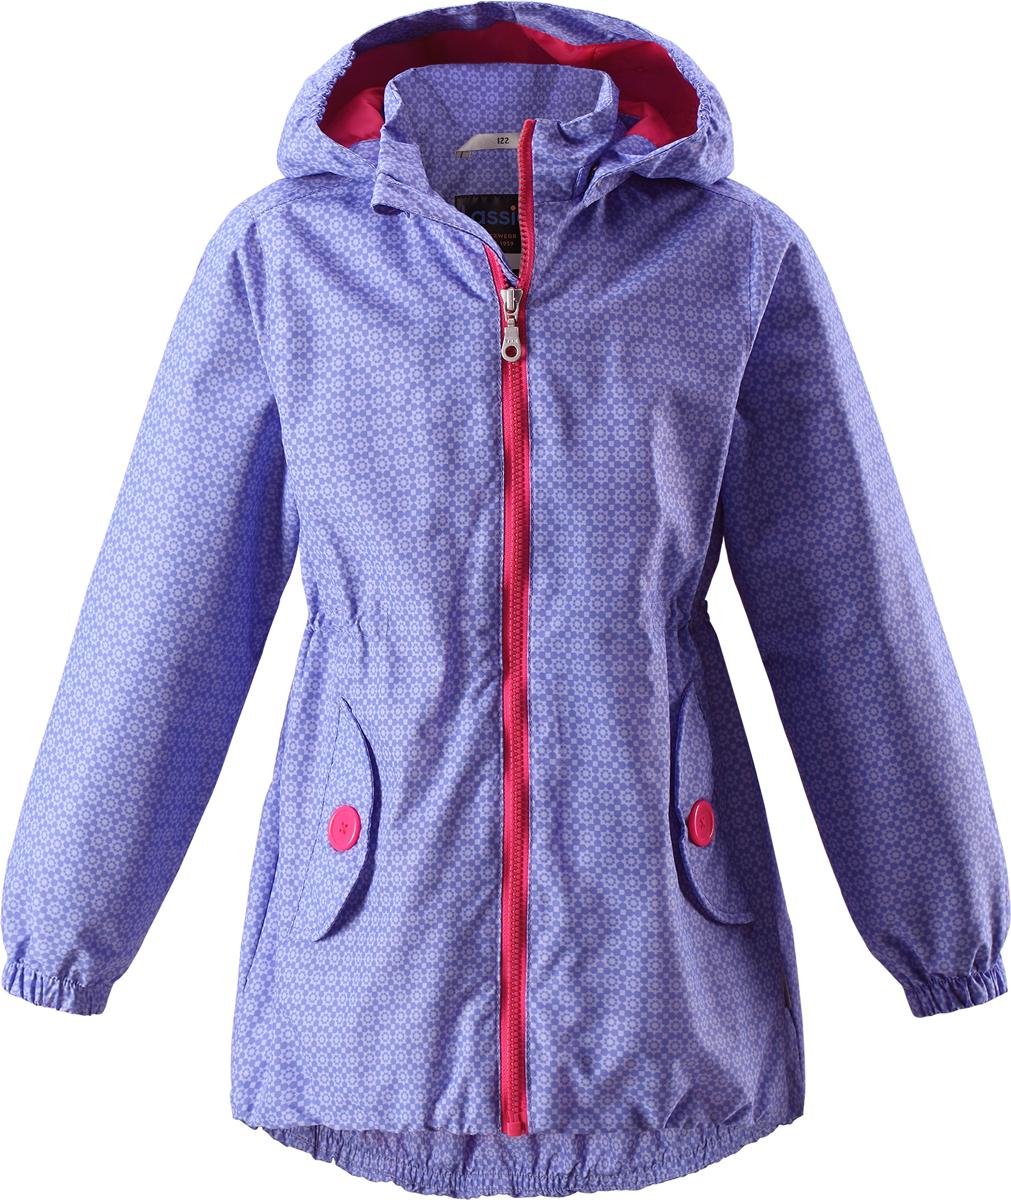 Куртка для девочки Lassie, цвет: сиреневый. 721706R569. Размер 110721706R569Легкая и удобная куртка для девочек на весенне-осенний период. Она изготовлена из водоотталкивающего и ветронепроницаемого материала, но при этом хорошо дышит. Куртка снабжена дышащей и приятной на ощупь сетчатой подкладкой, которая облегчает надевание. Съемный капюшон обеспечивает защиту от холодного ветра, а также безопасен во время игр на свежем воздухе! Благодаря эластичной талии и эластичному подолу эта удлиненная модель для девочек отлично сидит по фигуре. Снабжена множеством продуманных деталей, например двумя карманами с клапанами, эластичными манжетами и молнией во всю длину с защитой для подбородка.